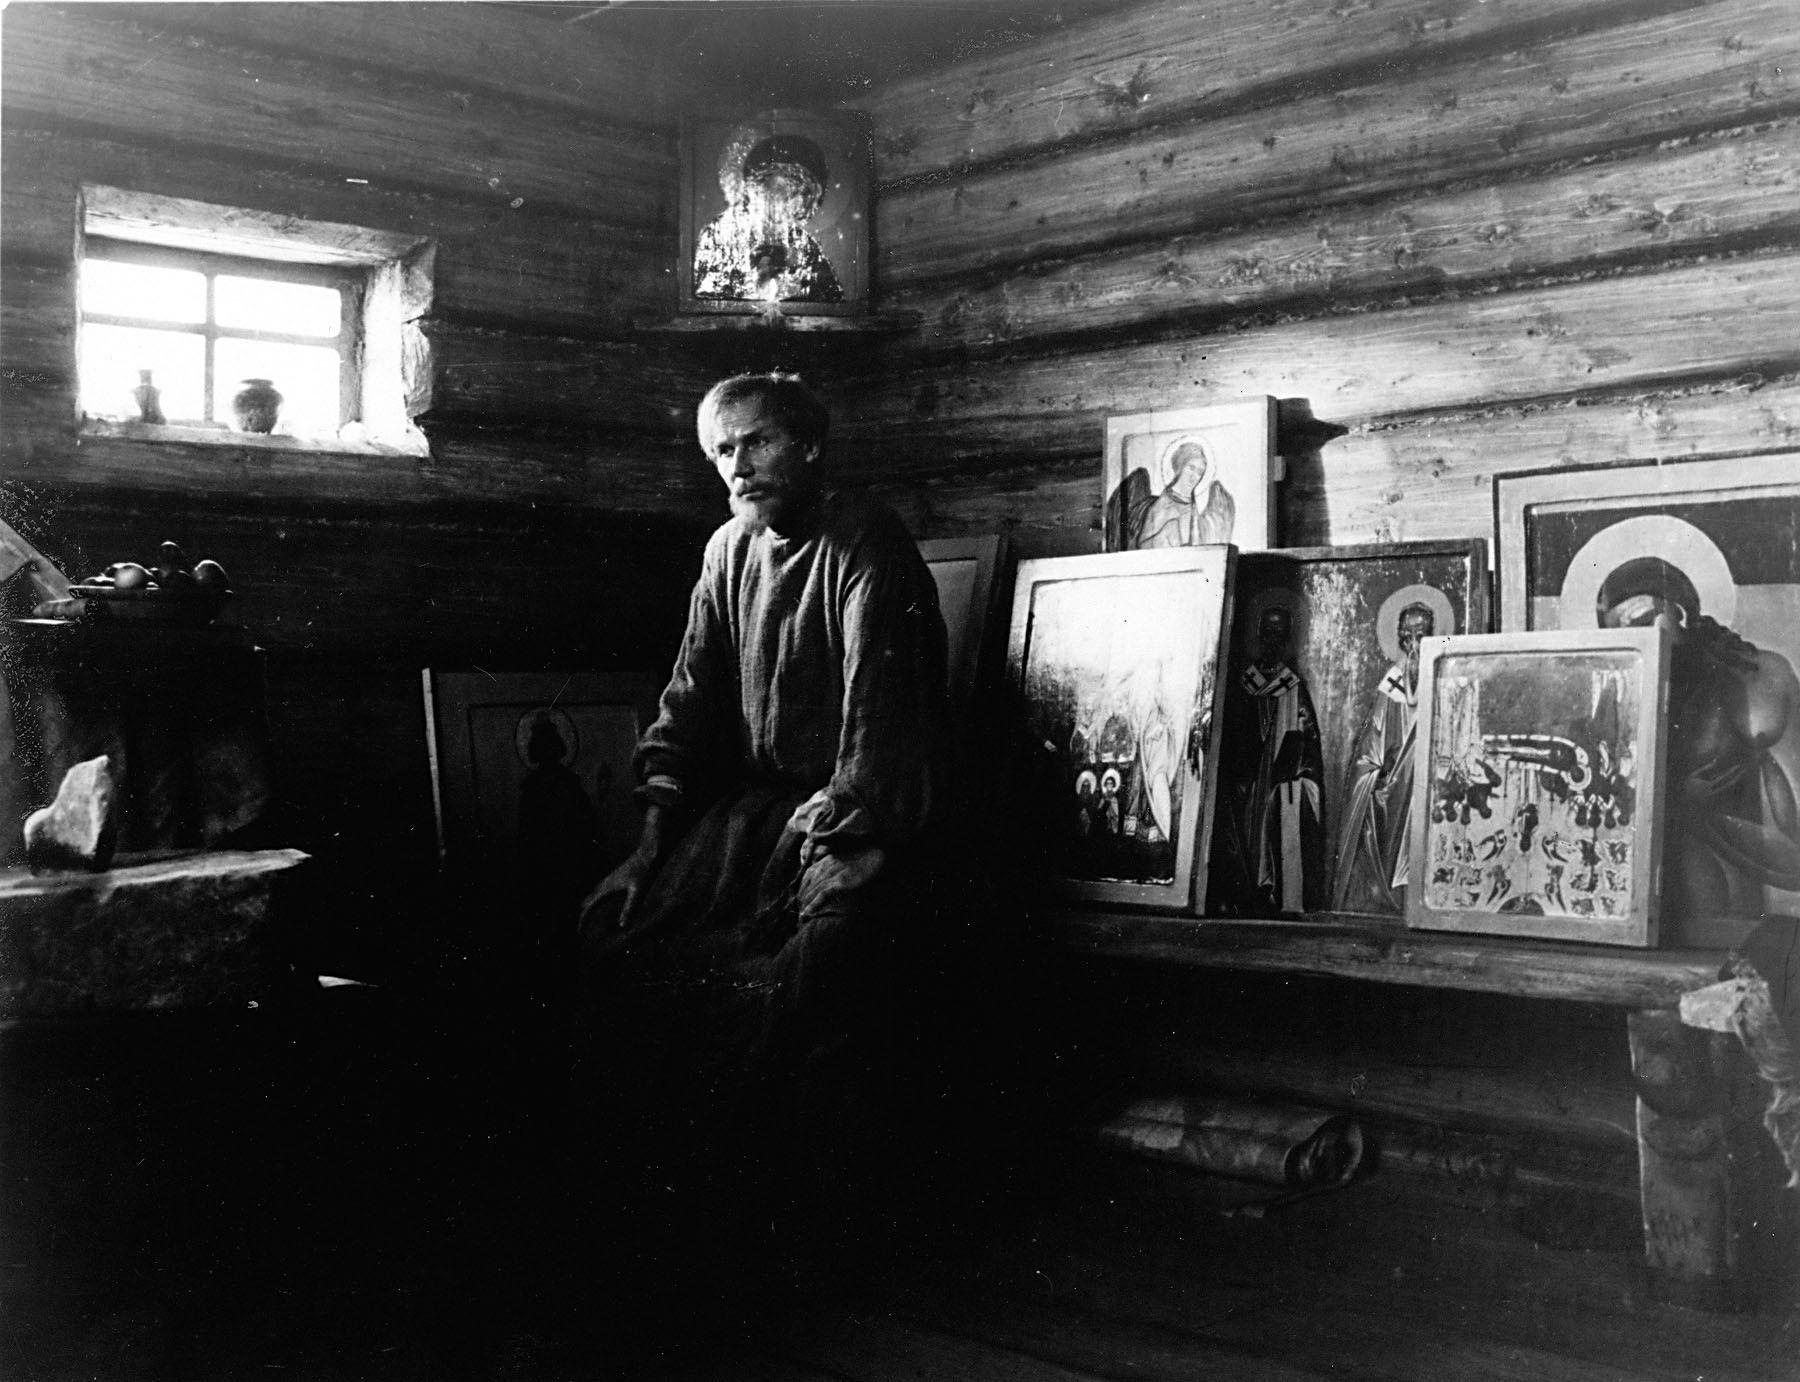 Andrej Rublev, Andrej Tarkovskij storia del cinema cinematown.it